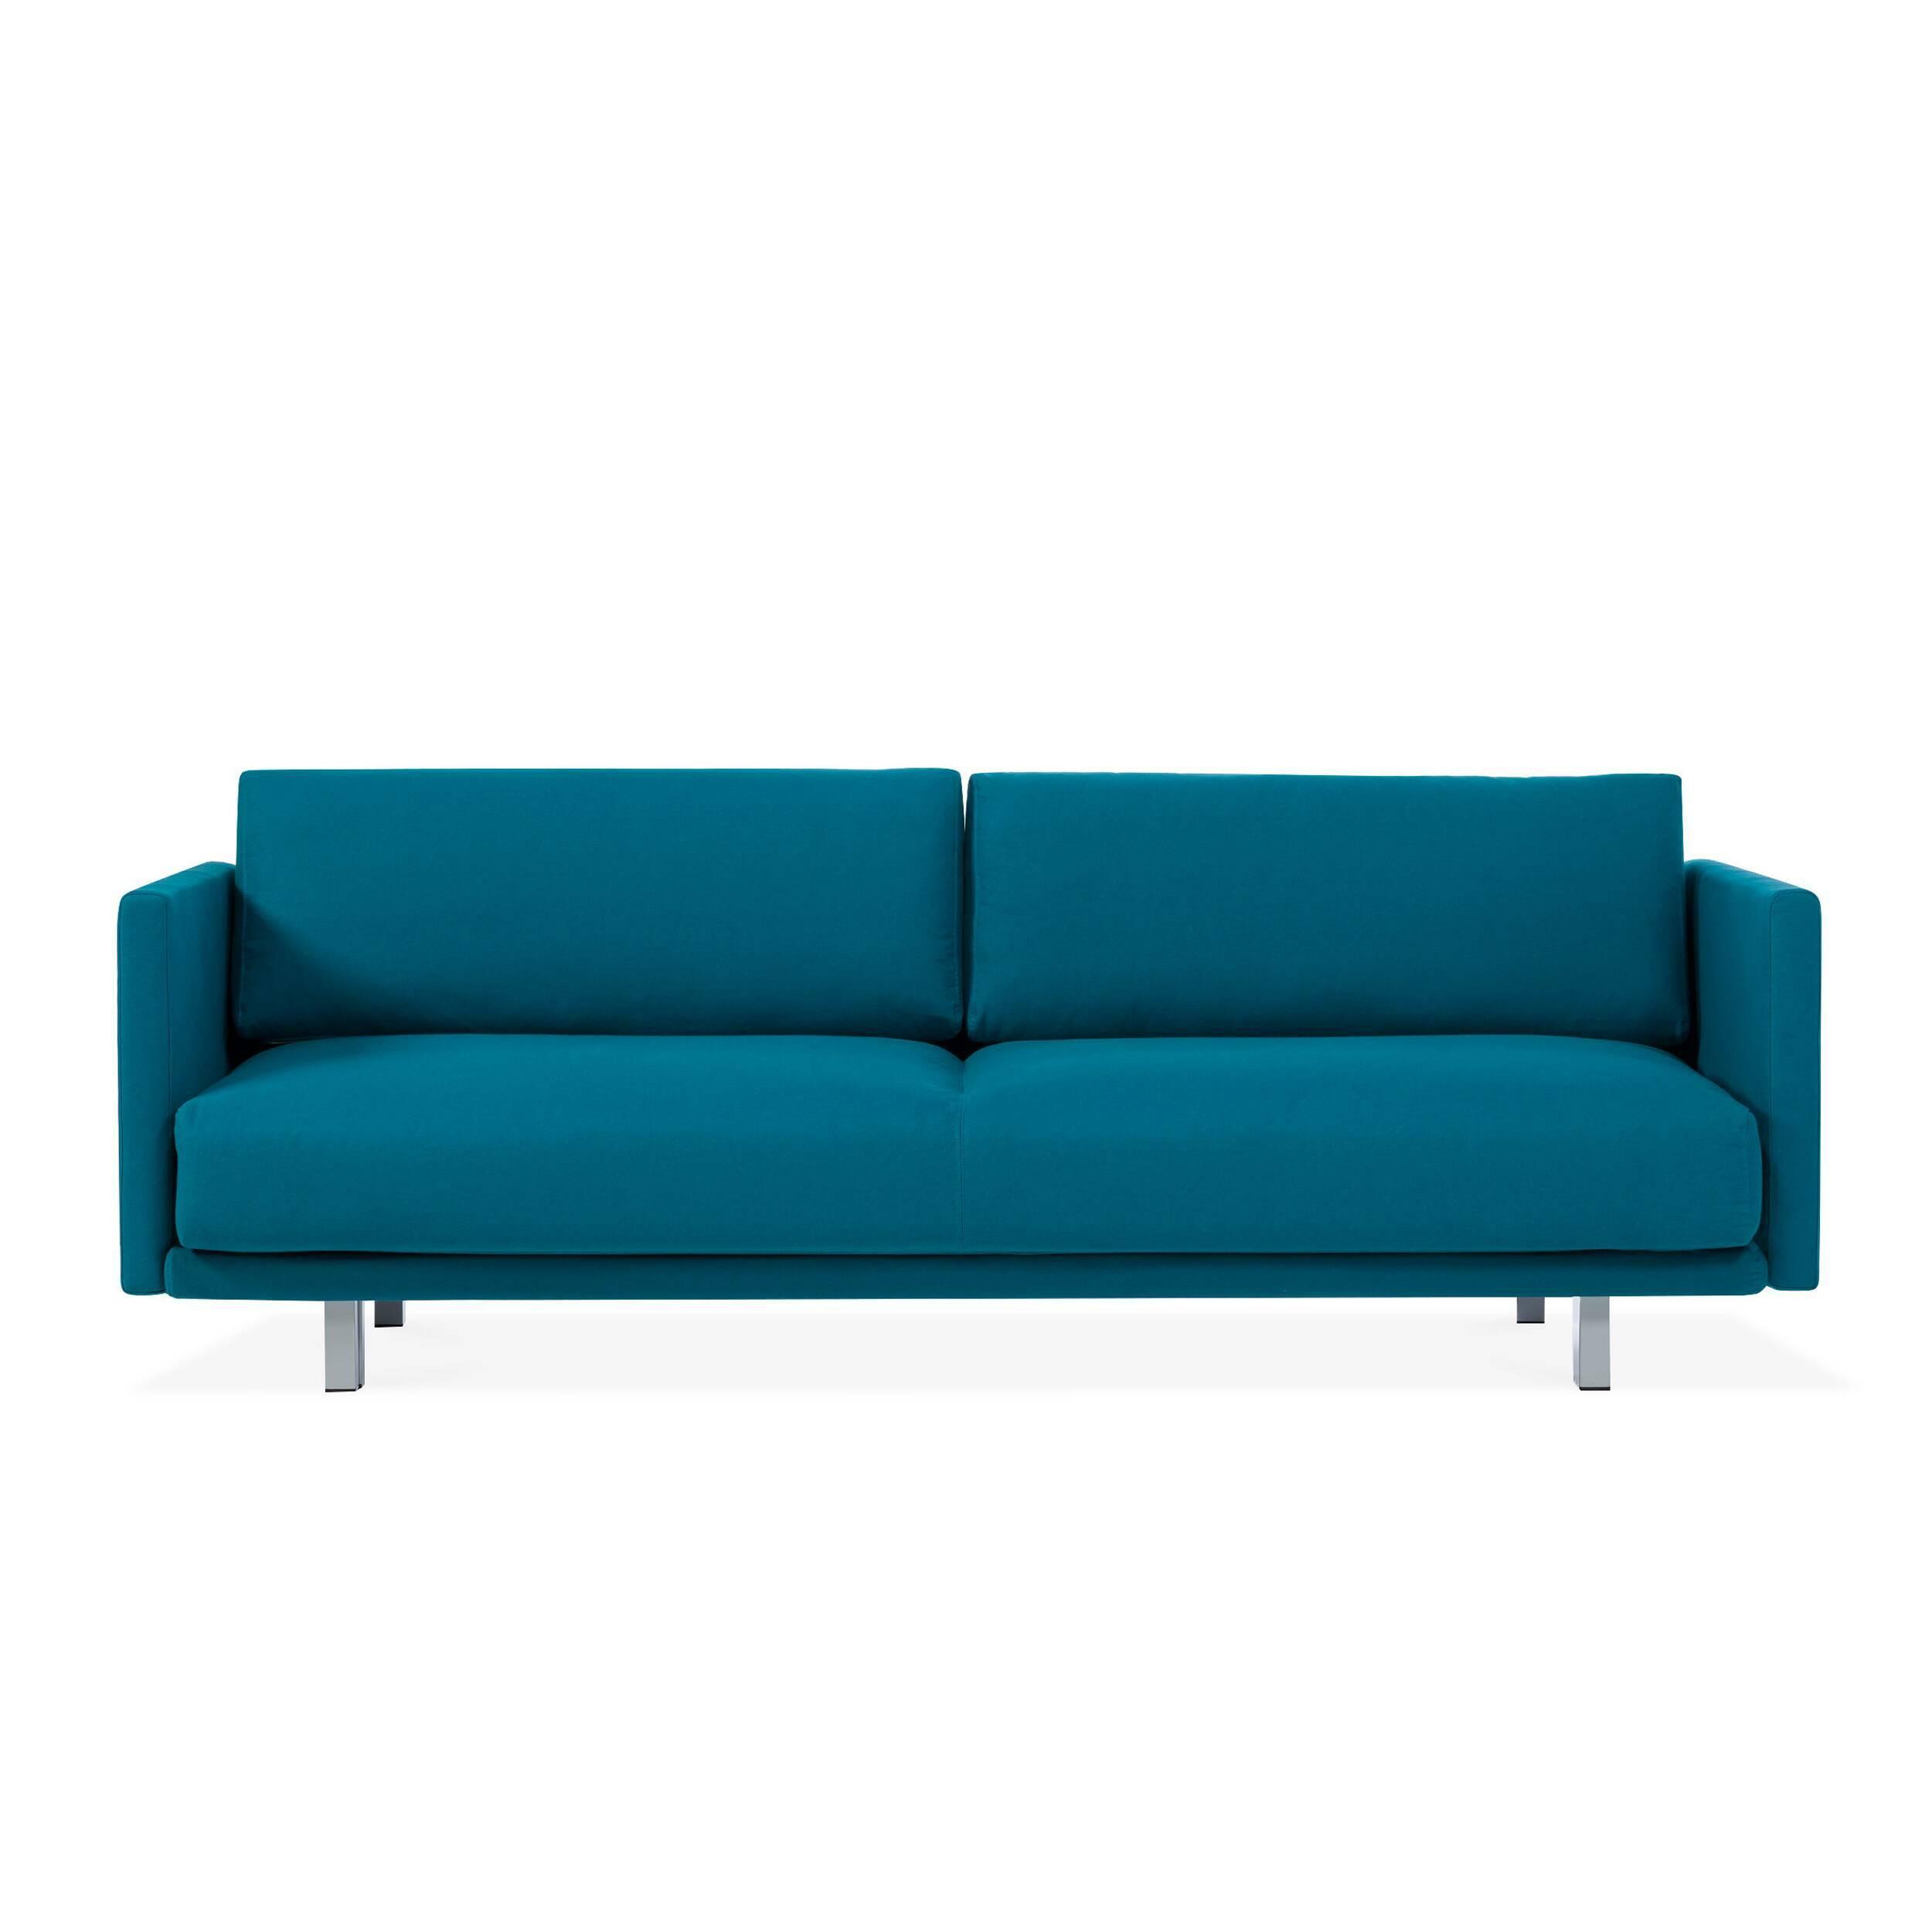 Диван MeghanРаскладные<br>Дизайнерский комфортный диван Meghan (Меган) с тканевой обивкой на высоких ножках от Softline (Софтлайн).<br><br><br> Новая коллекция Living от берлинского дизайнерского бюро MГјller &amp; Wulff предлагает отличные решения для молодых семей, школ и учреждений, которые ищут простой, стильный дизайн. Томас Мюллер и Йорг Вульфф, вдохновленные последними тенденциями, создают мебель, которая сочетает в себе форму, гибкость и функциональность. Такая мебель позволяет использовать пространство оптимал...<br><br>stock: 0<br>Высота: 76<br>Высота сиденья: 40<br>Глубина: 99<br>Длина: 214<br>Цвет ножек: Хром<br>Материал обивки: Хлопок, Полиакрил<br>Коллекция ткани: Eco Cotton<br>Тип материала обивки: Ткань<br>Тип материала ножек: Алюминий<br>Размер спального места (см): 200х123<br>Цвет обивки: Бирюзовый